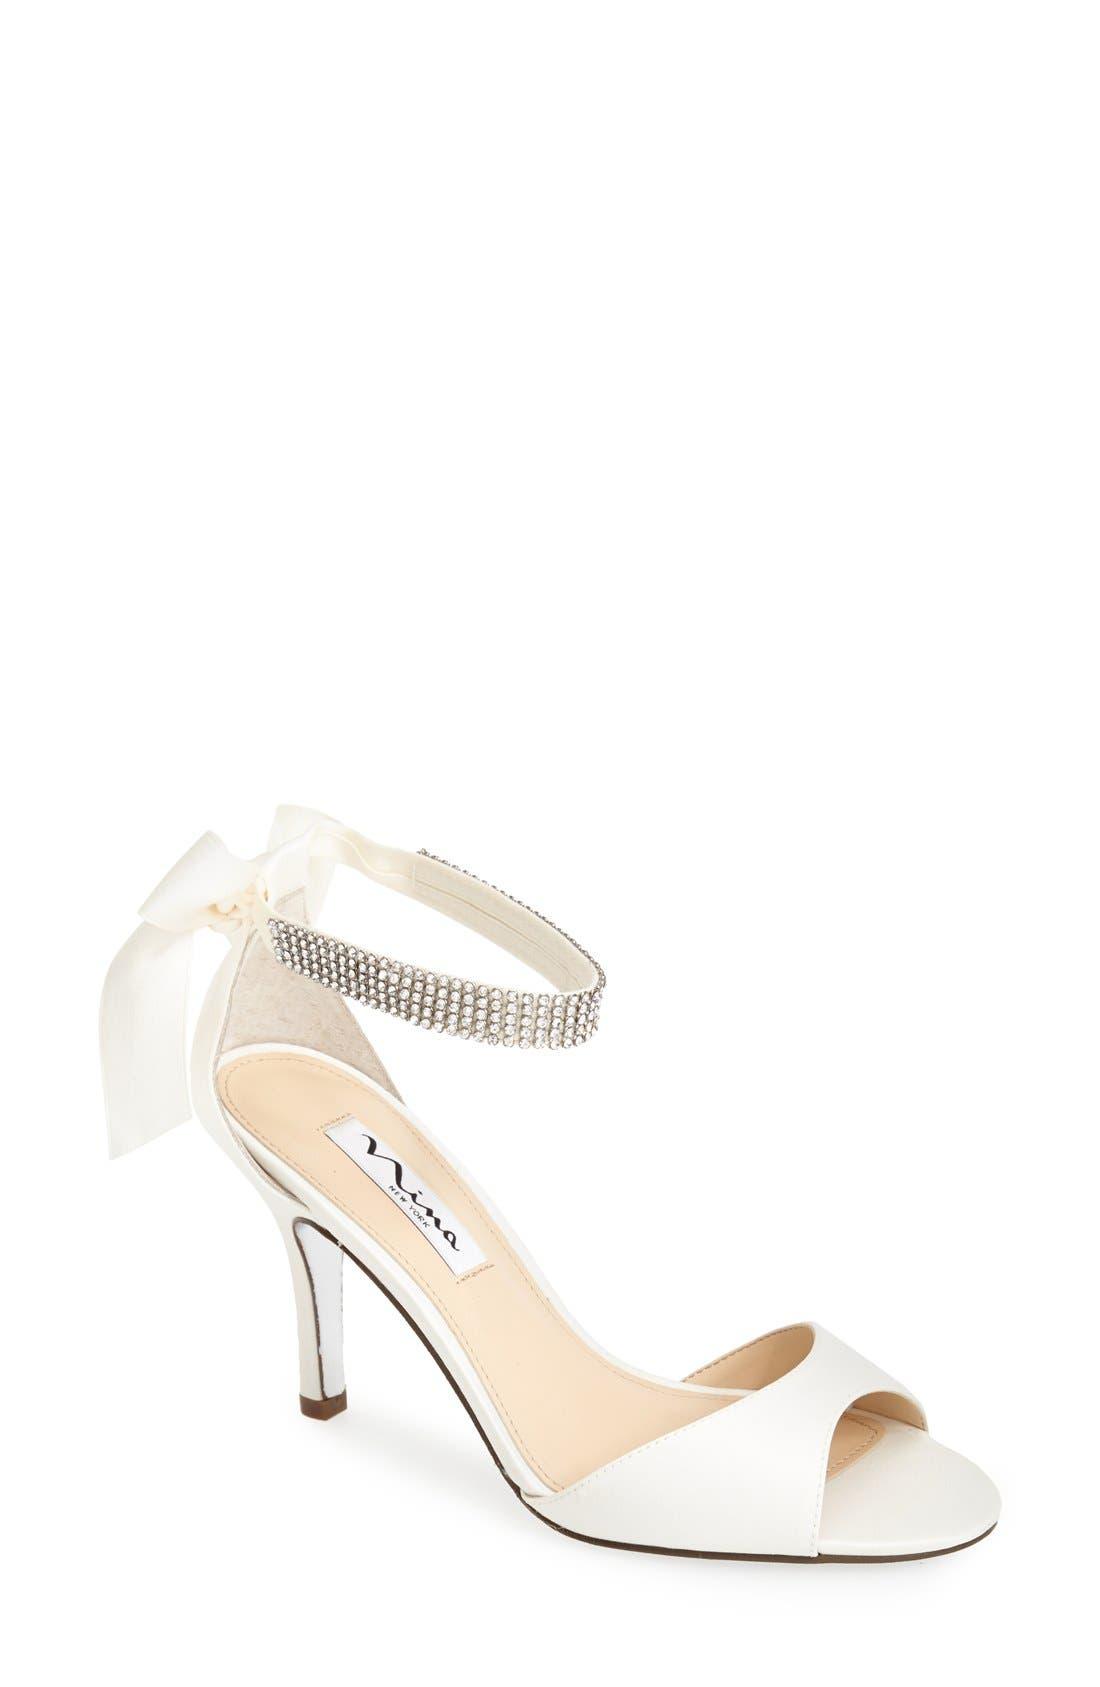 NINA 'Vinnie' Crystal Embellished Ankle Strap Sandal, Main, color, IVORY